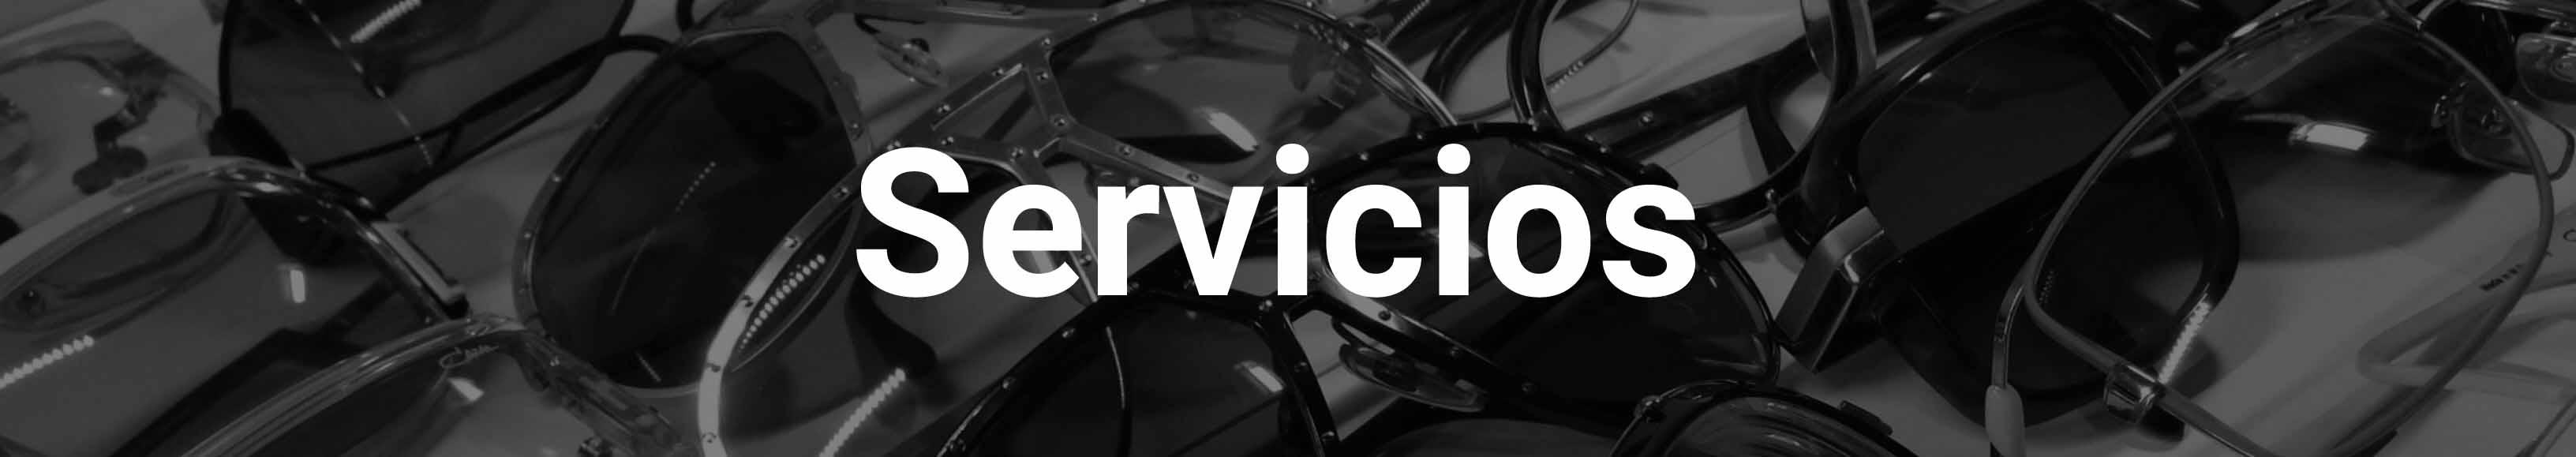 Banner-Servicios3